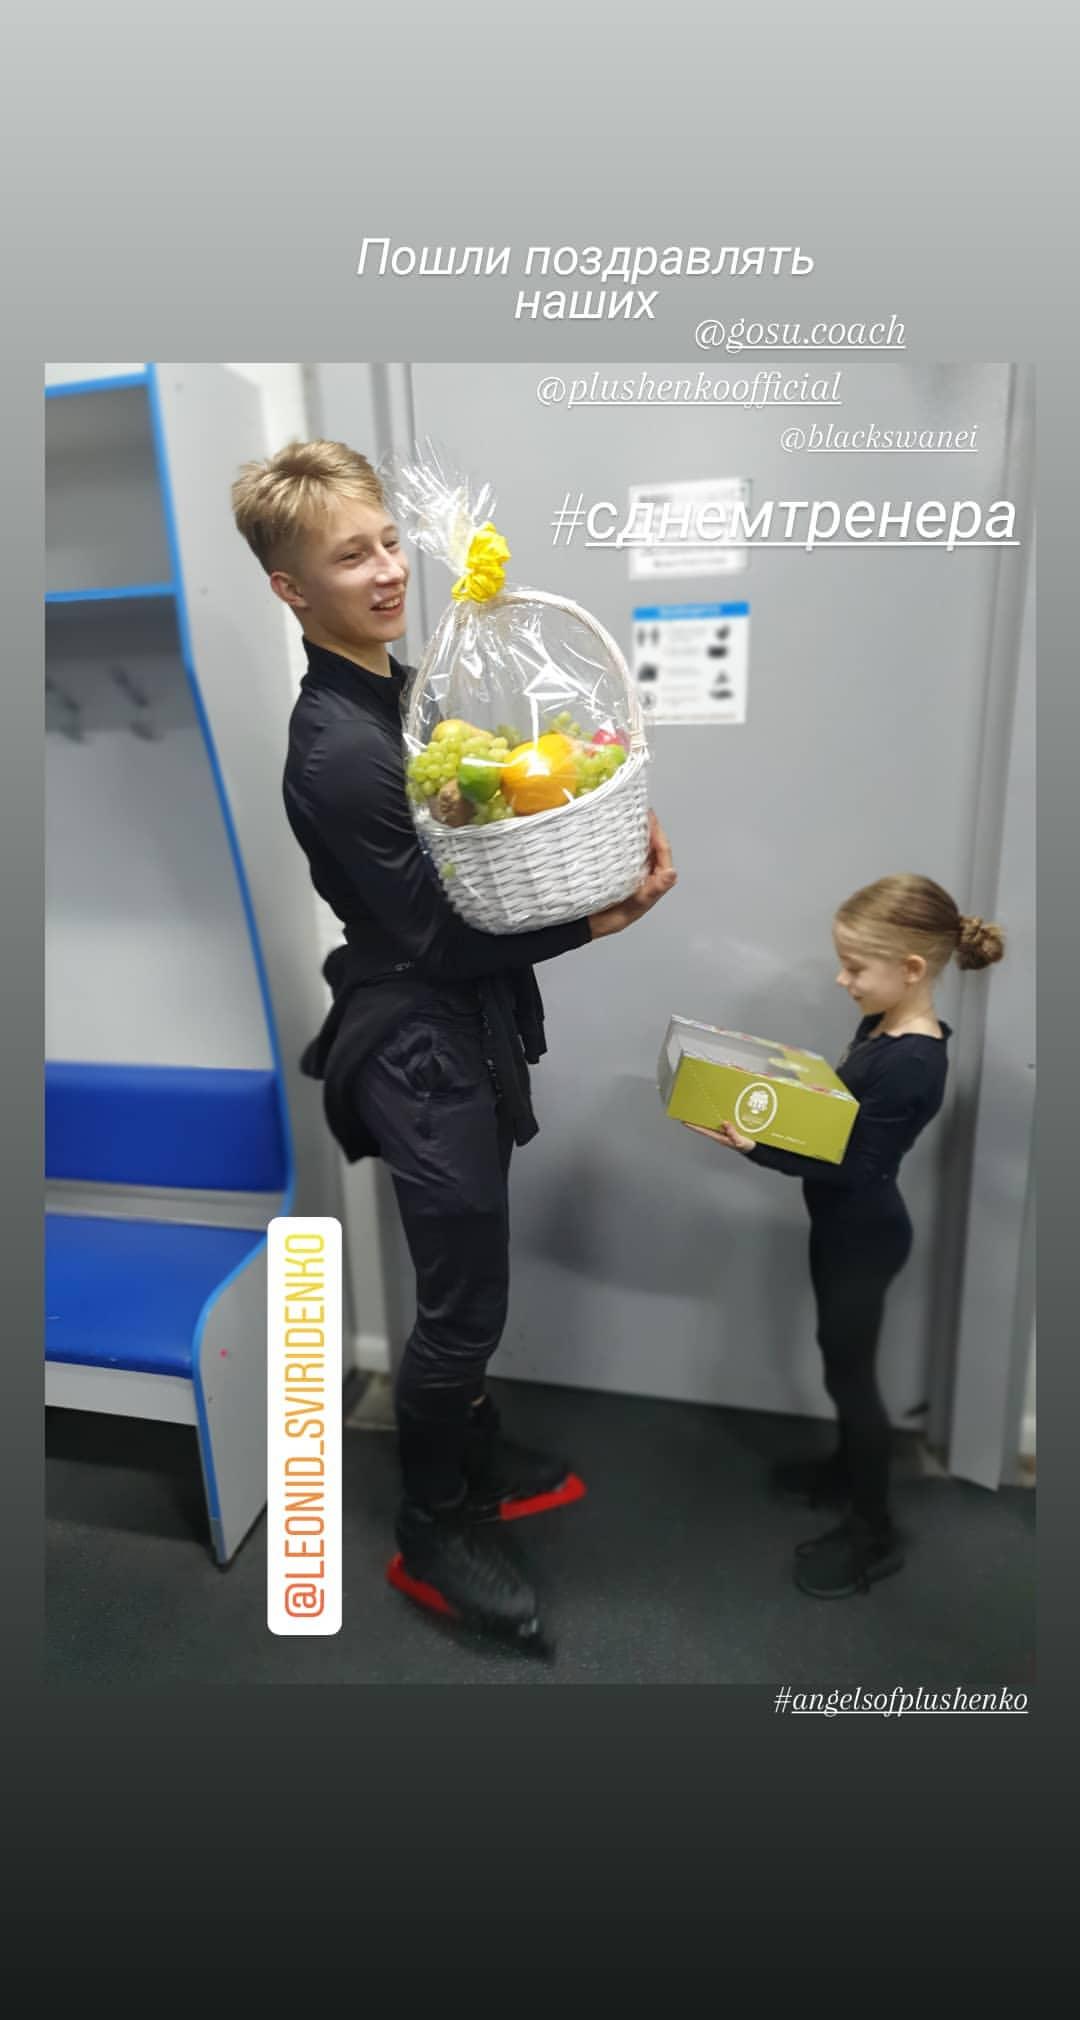 https://i.ibb.co/jbyf8CH/Story-Saver-arinaparsegova-new-122837116-1038281513252523-9057643267862137274-n.jpg